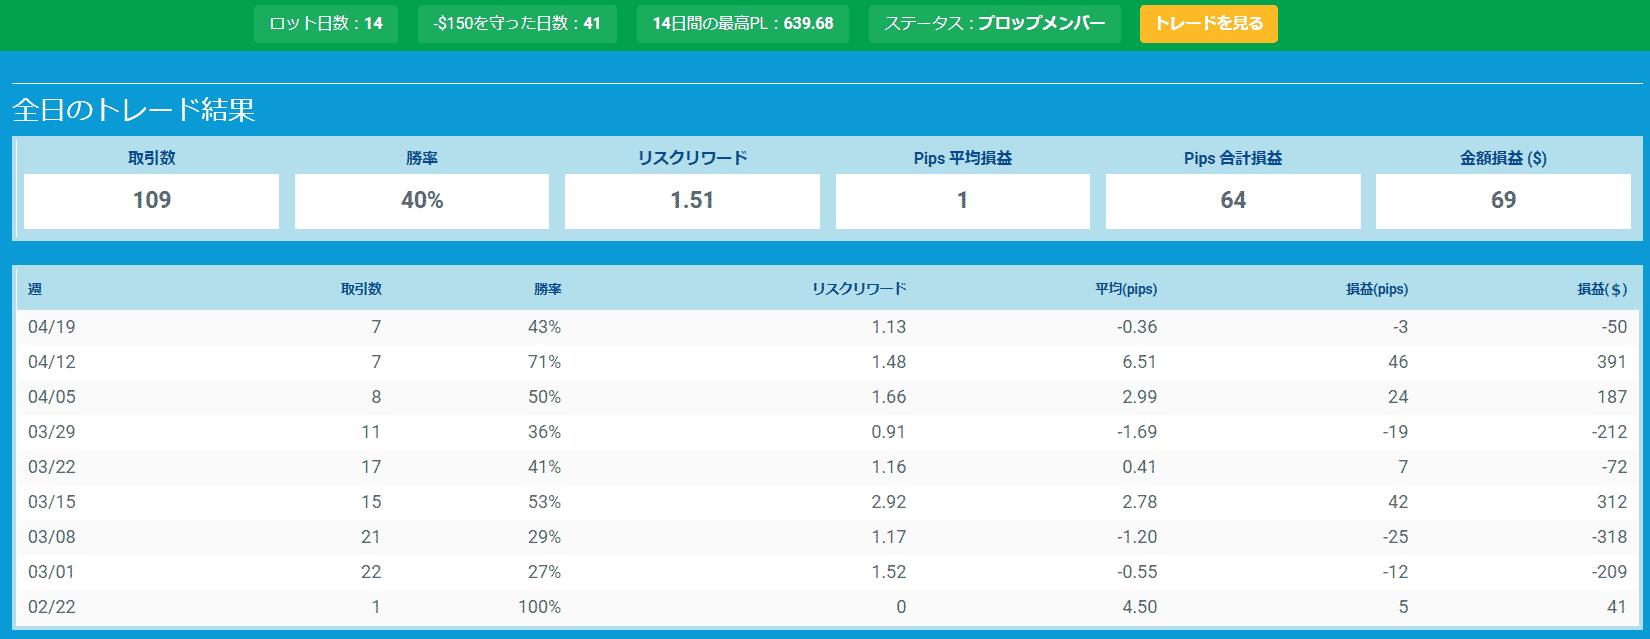 プロップトレーダーチャートNana3